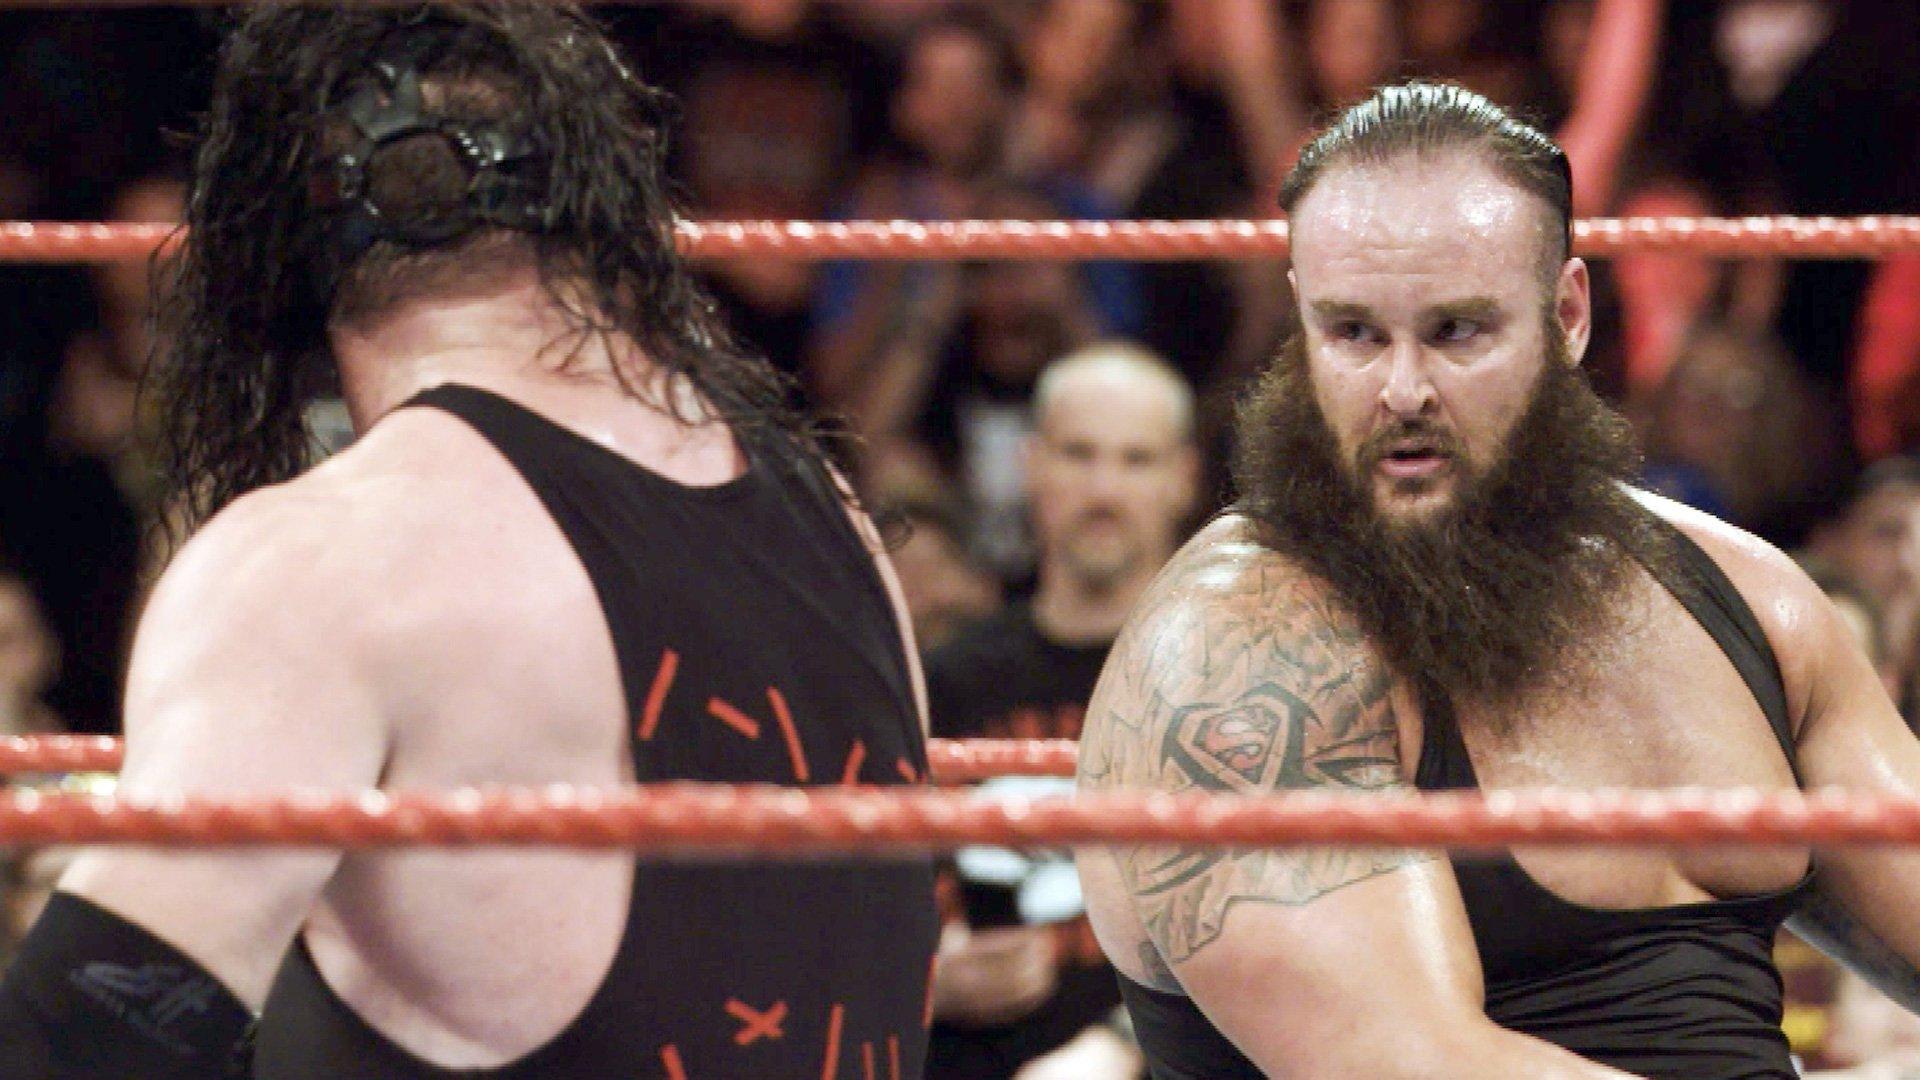 Le Main Event entre Braun Strowman et Kane comme vous ne l'avez jamais vu: Exclusivité WWE.fr, 18 Décembre 2017.